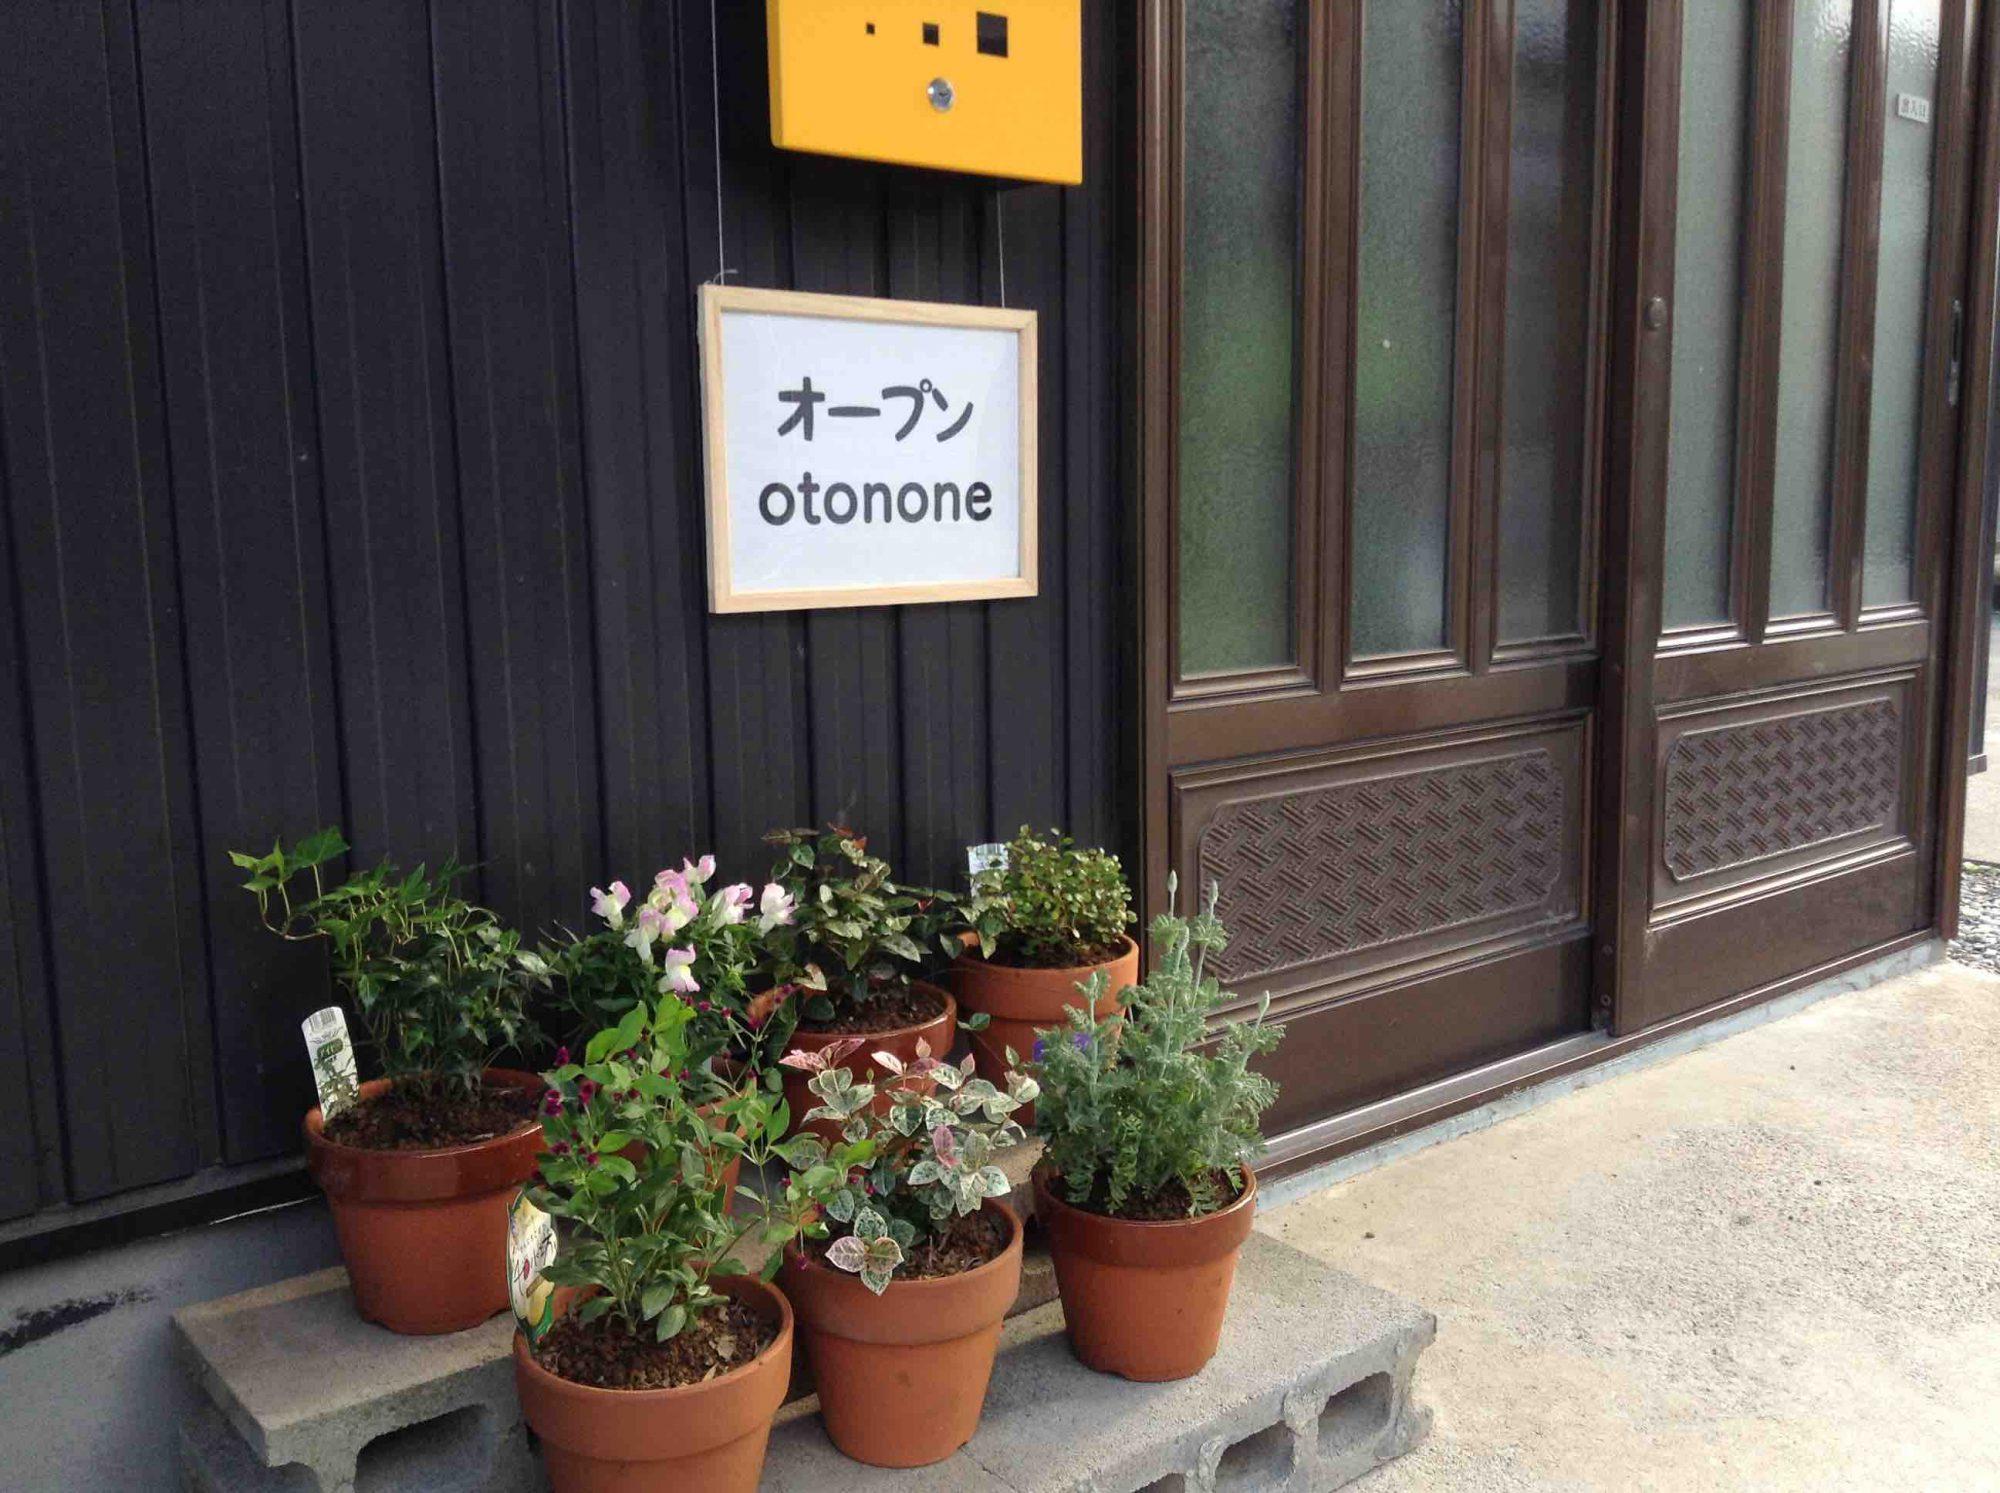 富山、高岡、金沢で勉強に困っている人のための塾のブログ